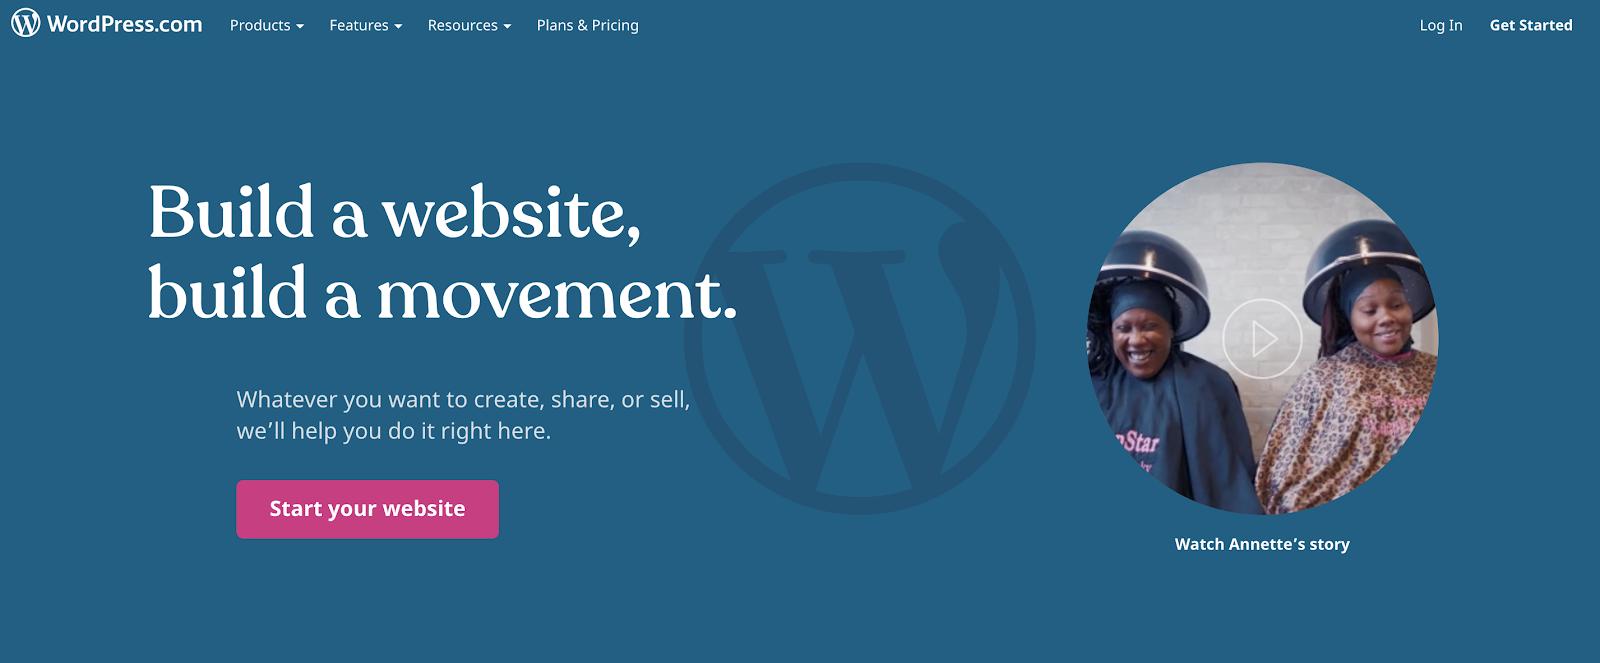 WordPress Dot Com como uno de los mejores sitios de blogs gratuitos para usar